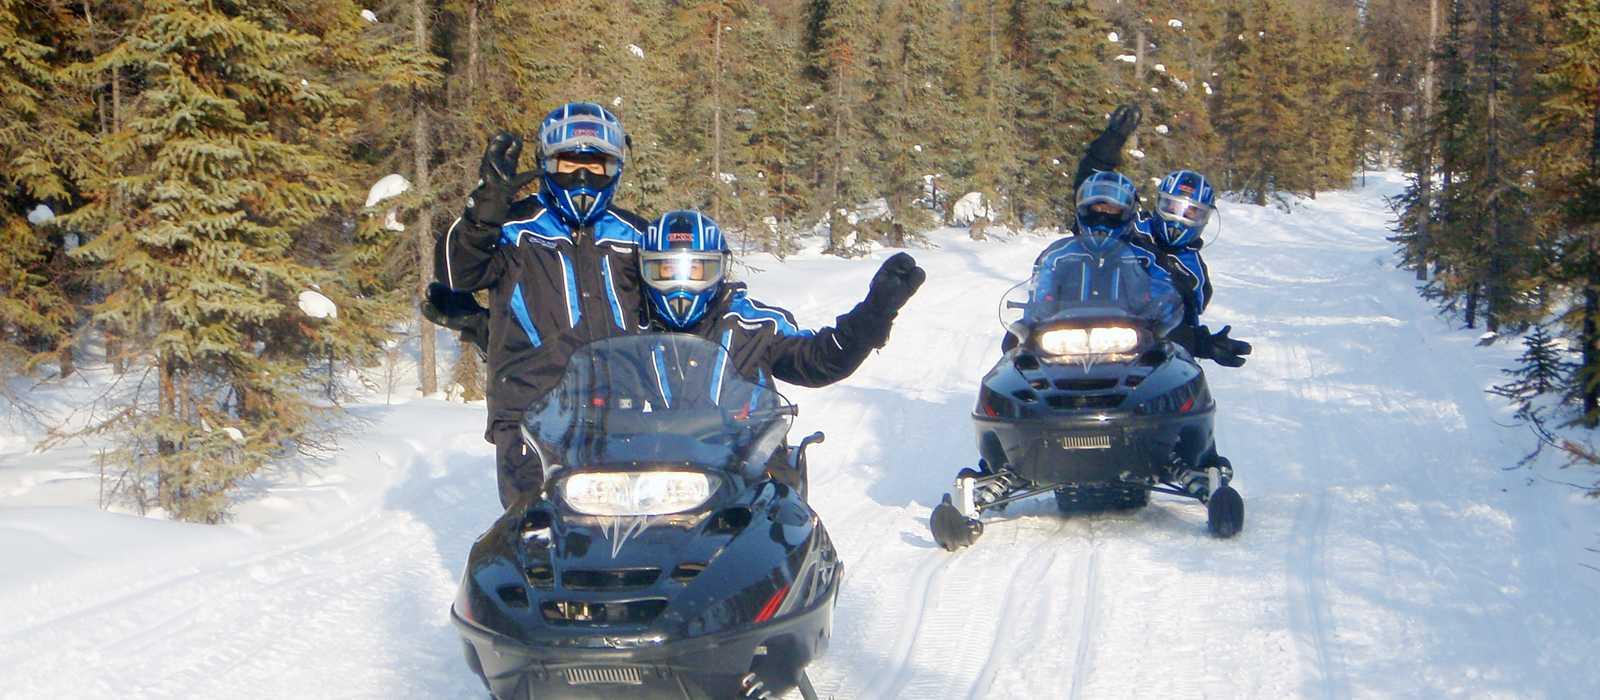 Winterspaß mit Snowmobilen